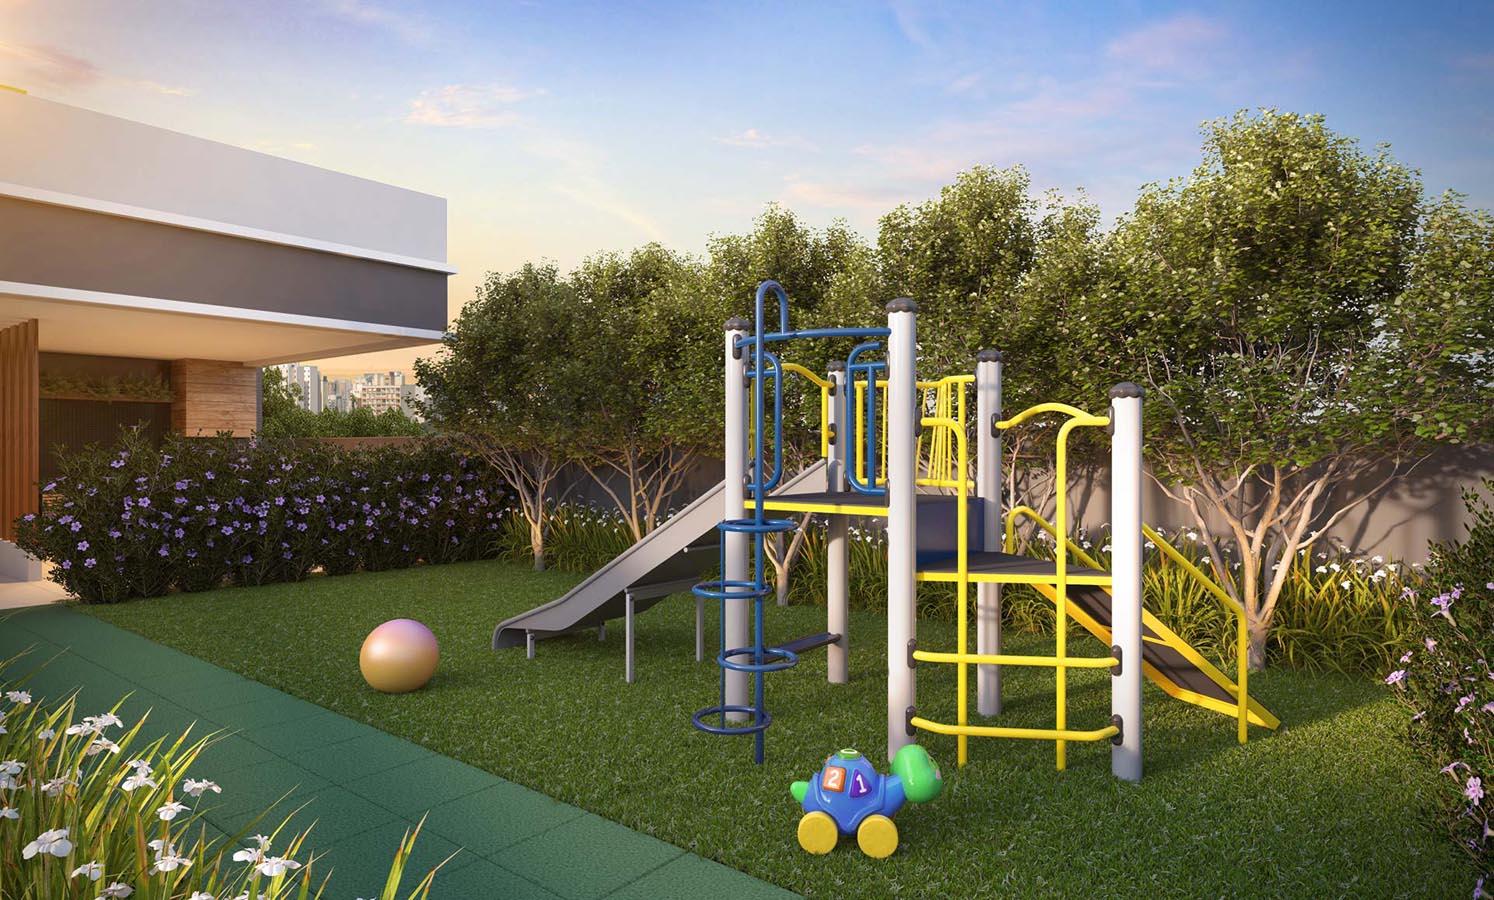 Perspectiva ilustrada do Playground, sujeita à alteração.